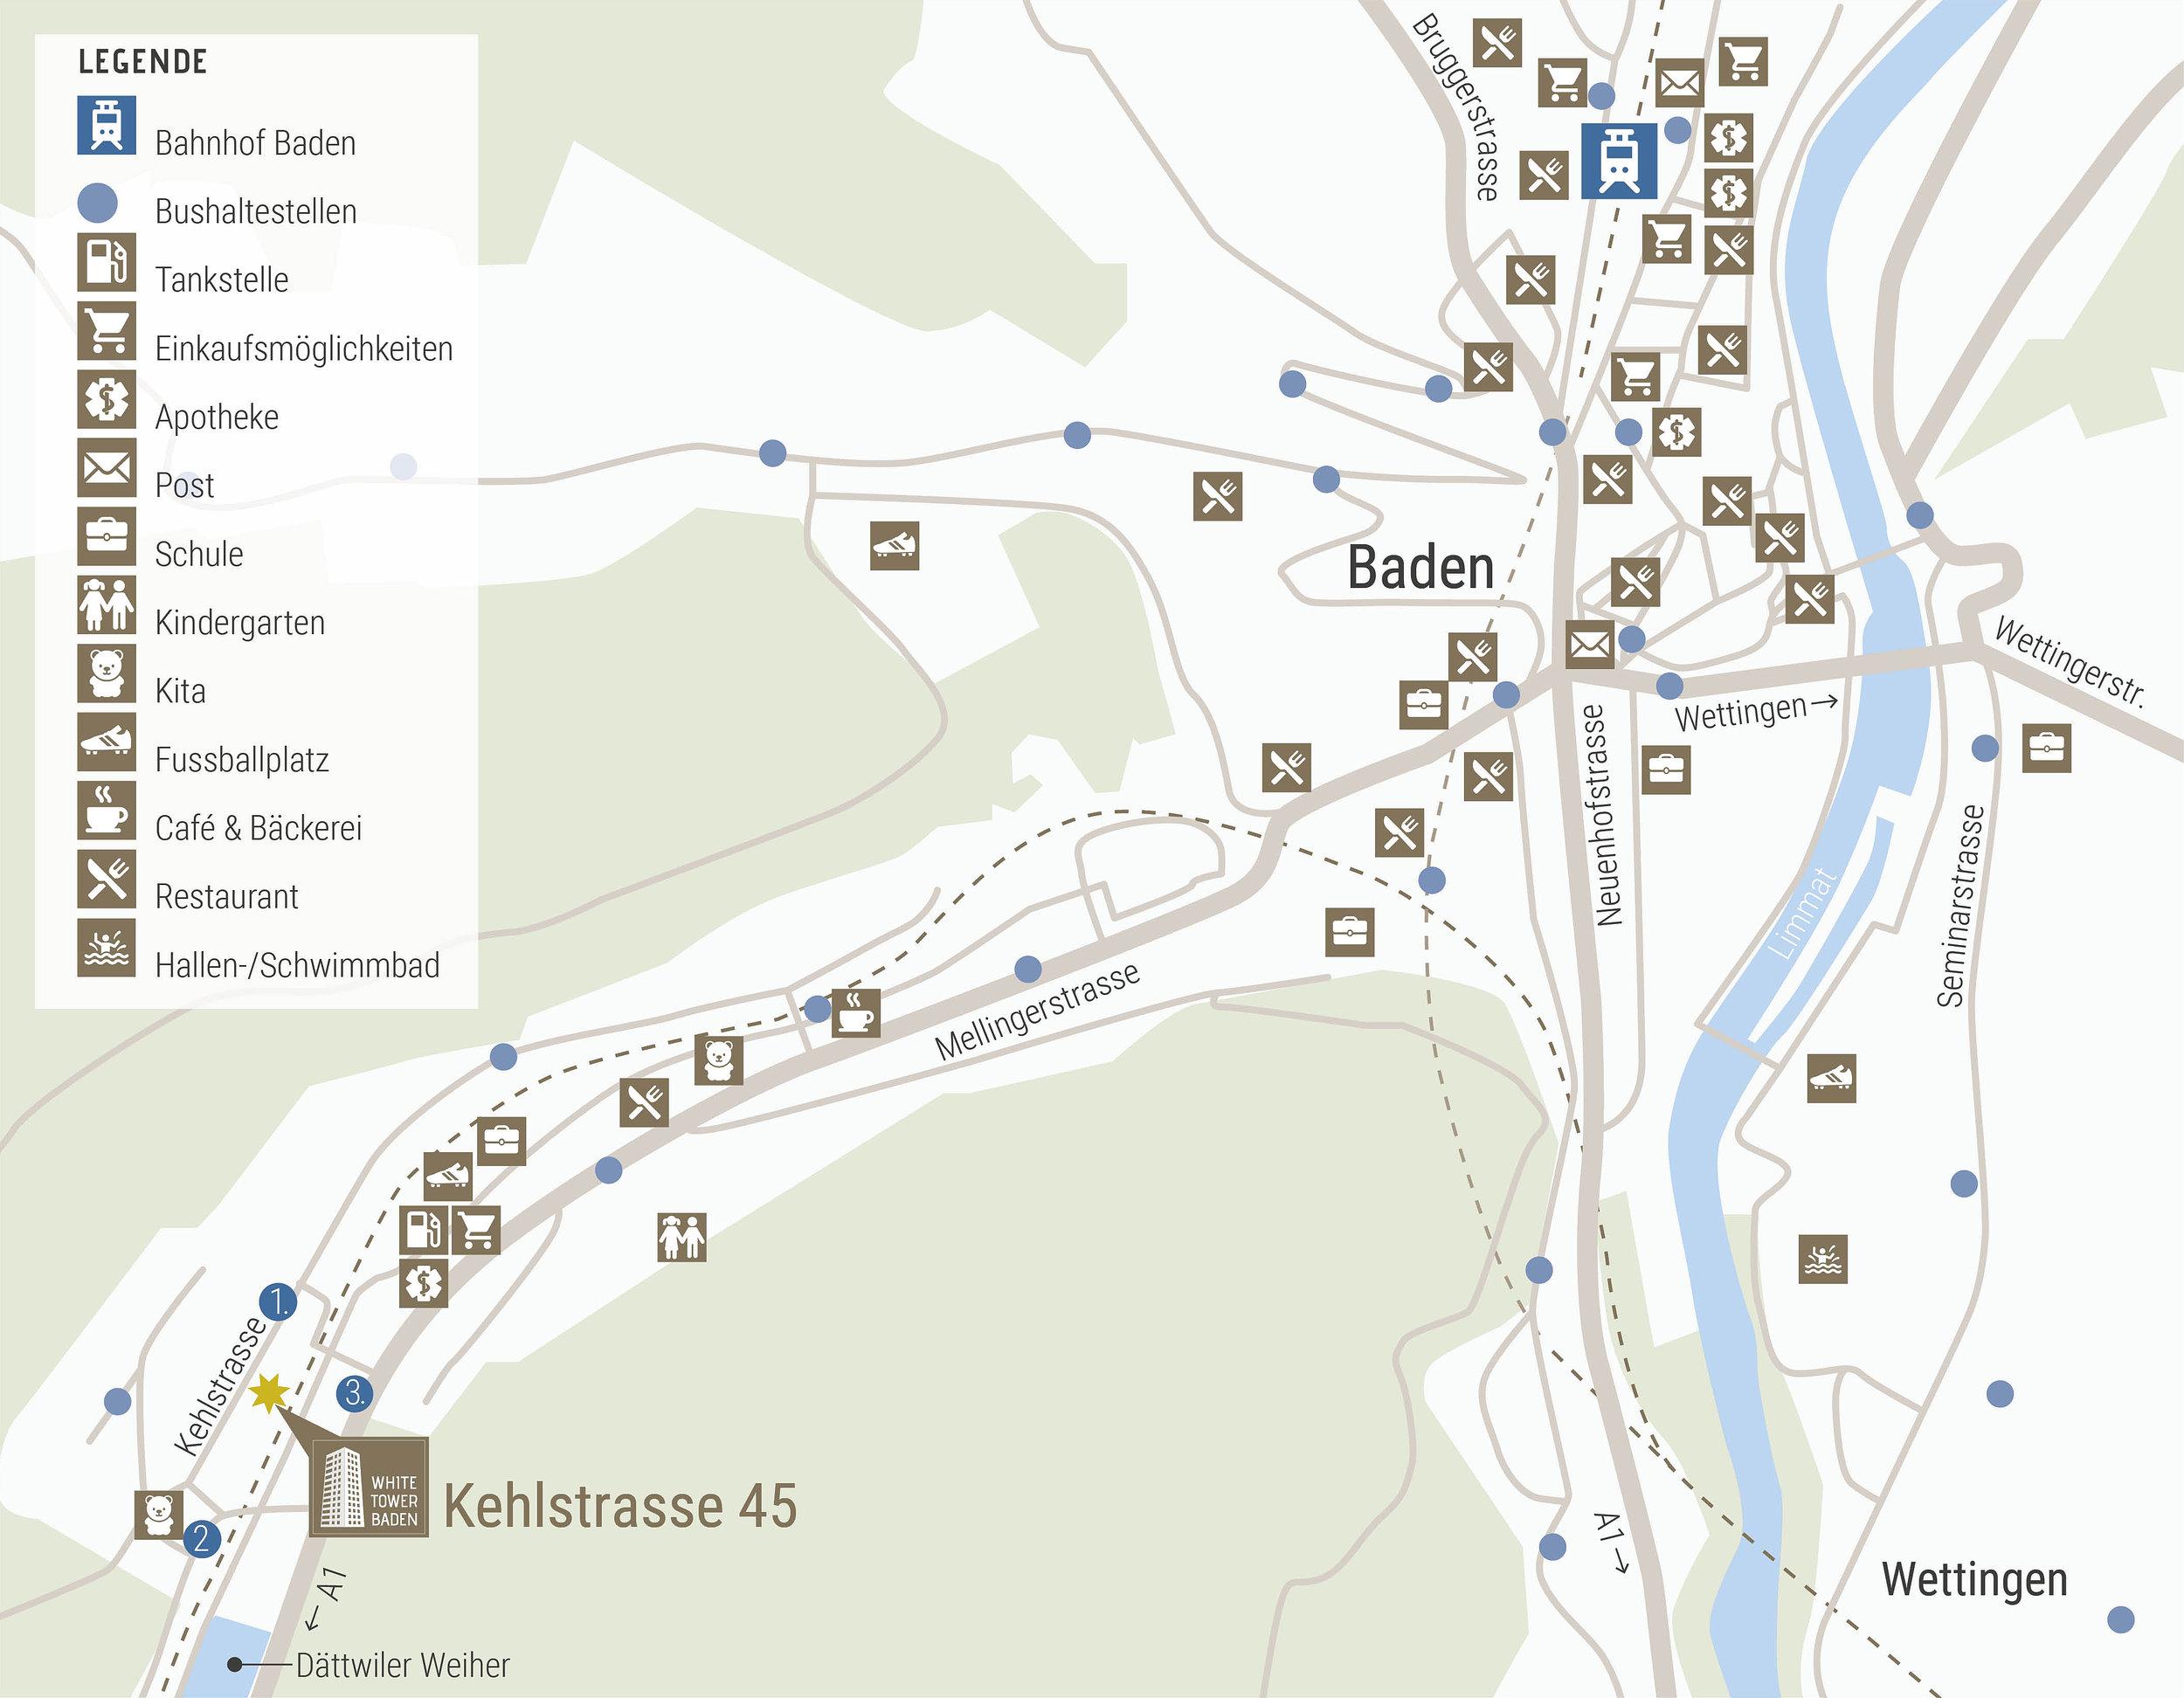 Lagekarte_WhiteTower_Baden_mit.jpg